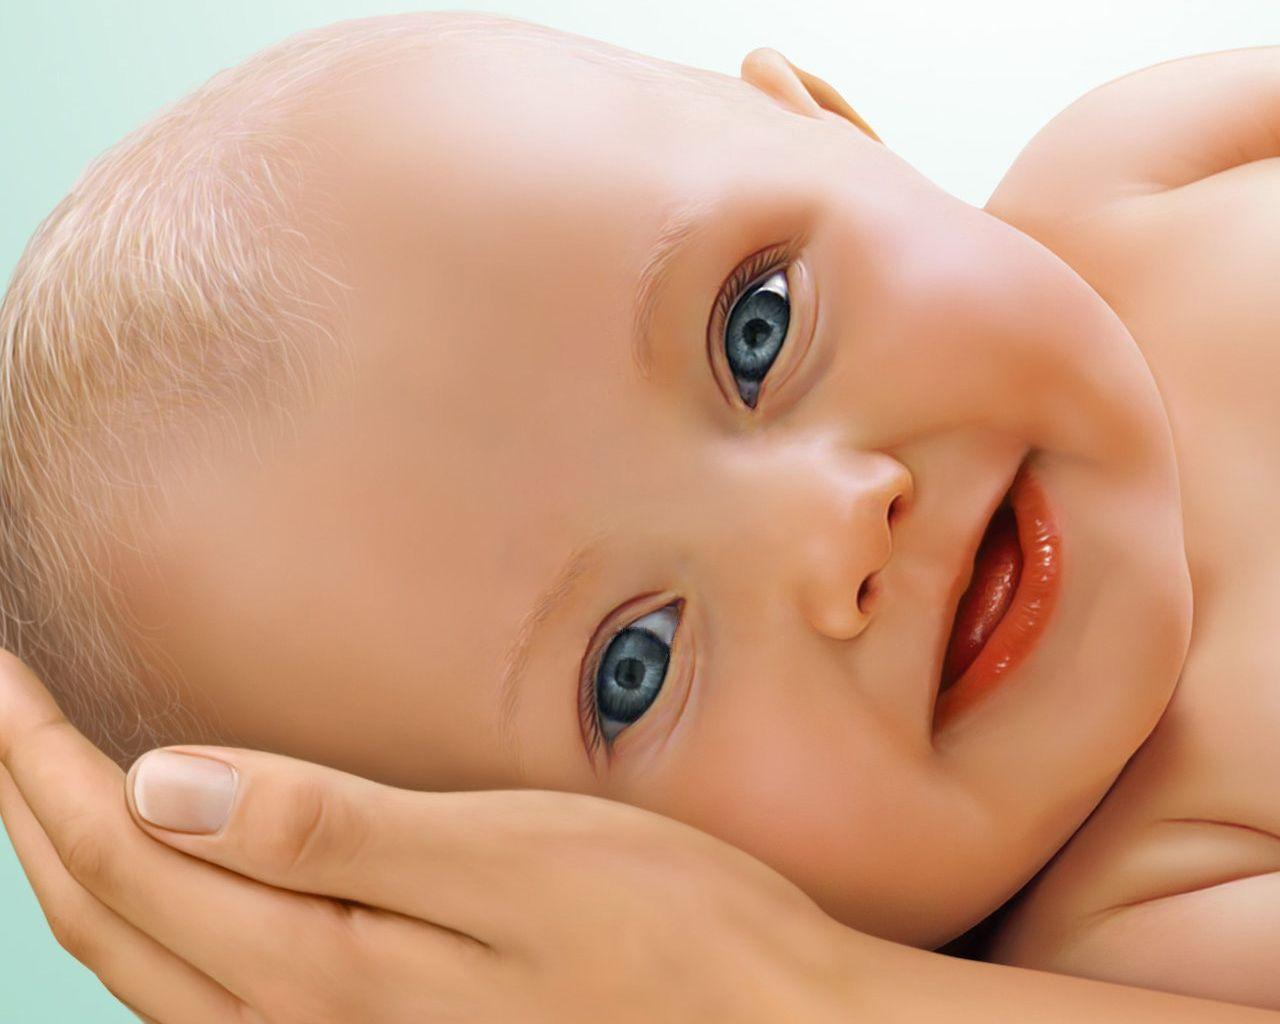 Процедура усыновления ребенка: пошаговая инструкция - фото №1